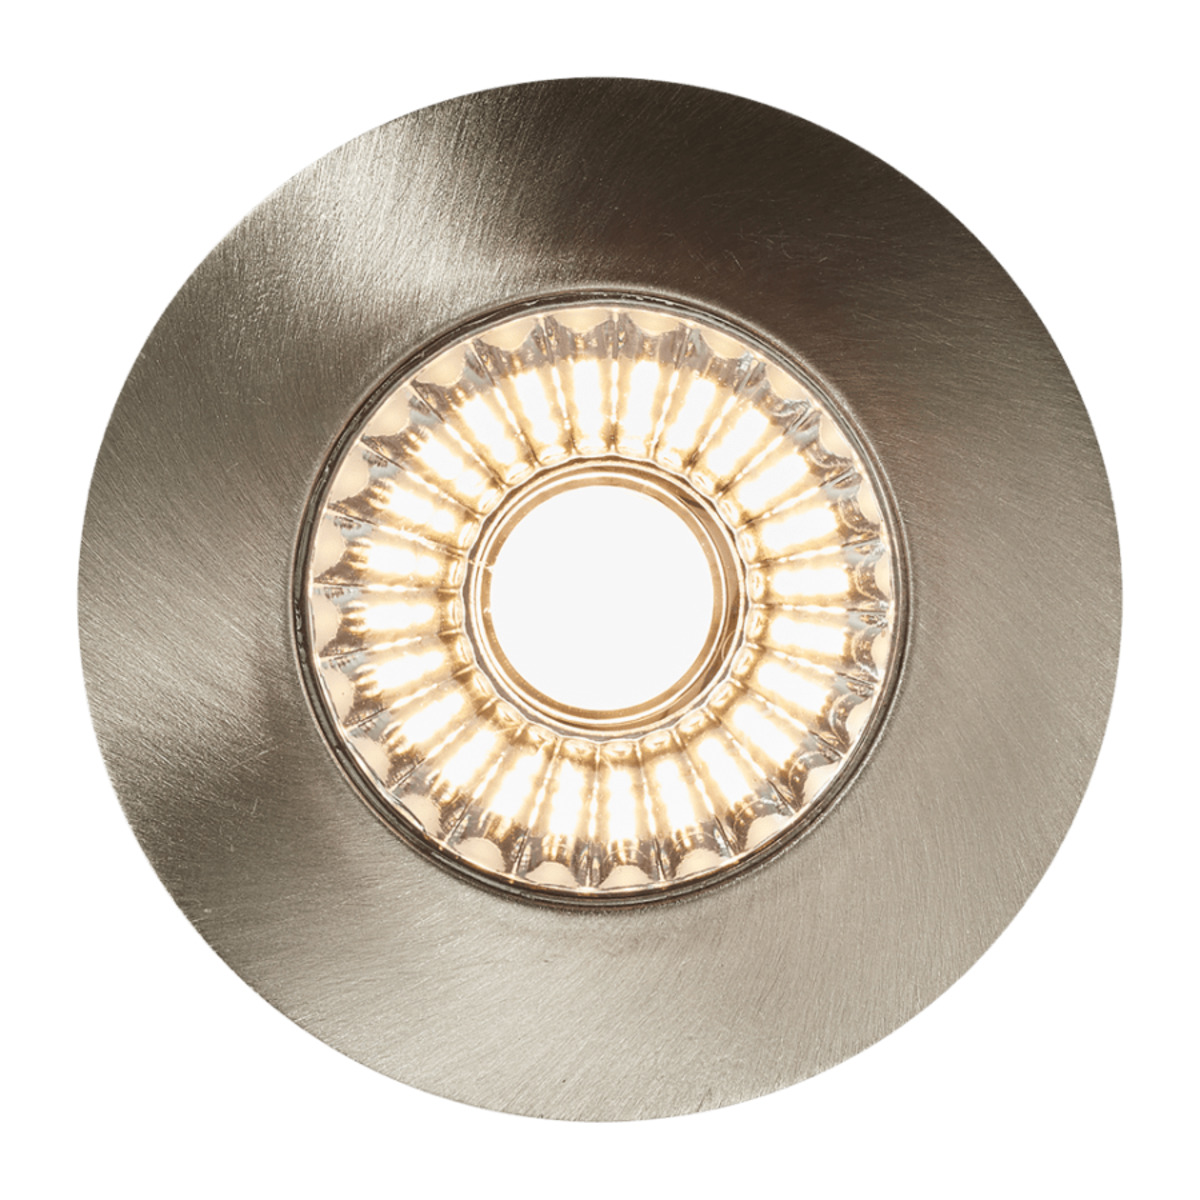 Bild 2 von LIGHTZONE     LED-Einbauleuchten